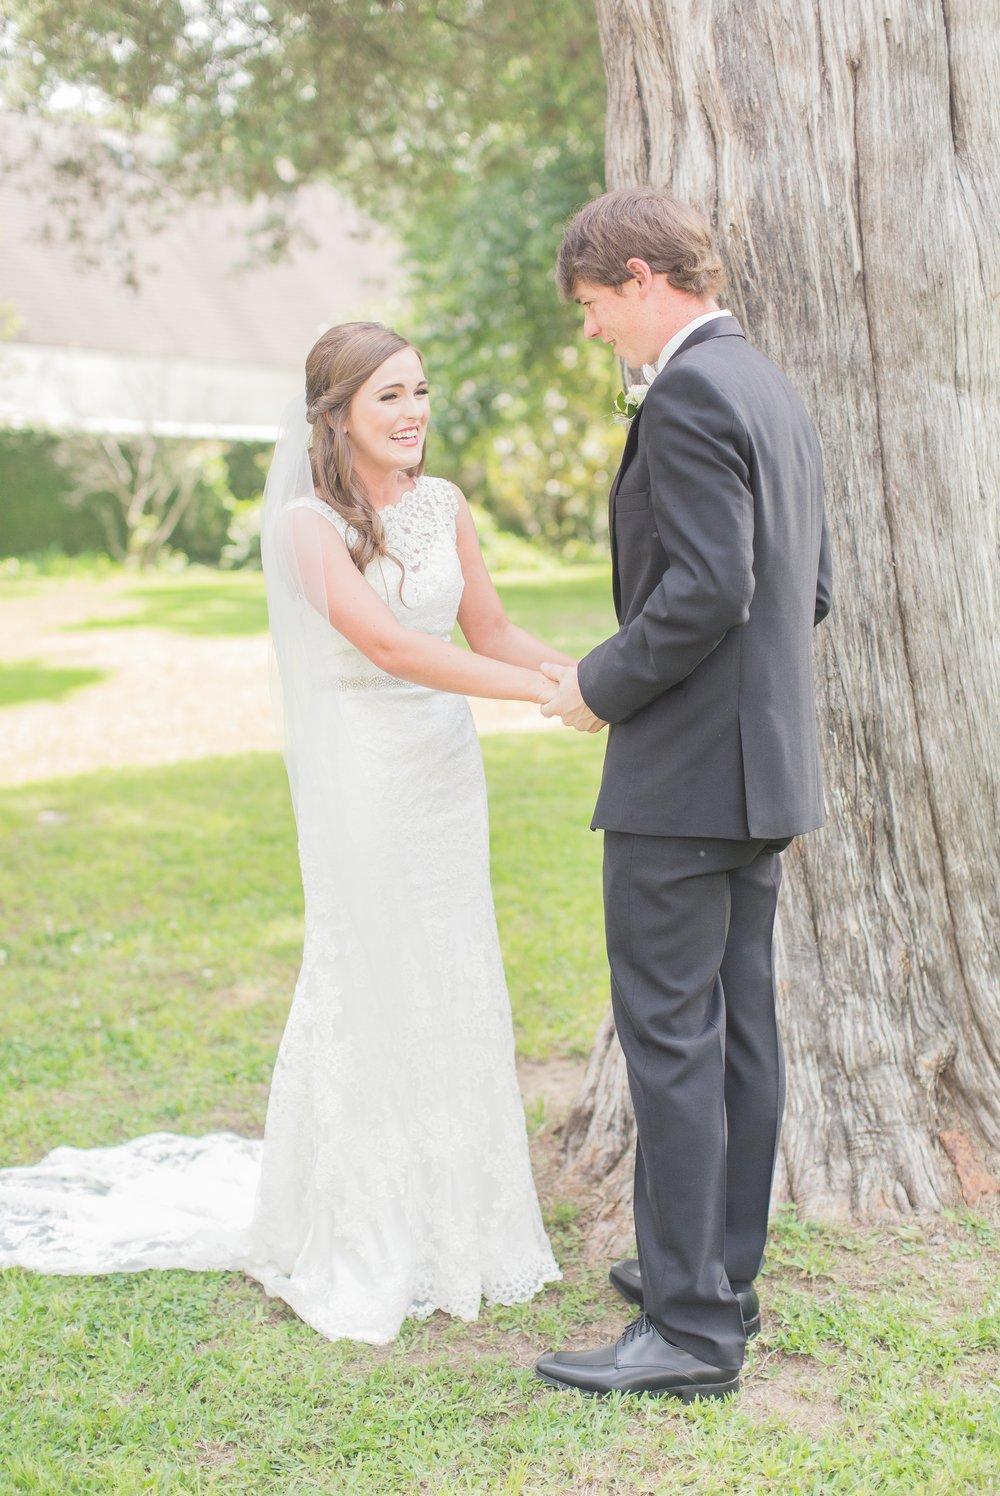 mississippi-wedding-at-the-cedars 24.jpg